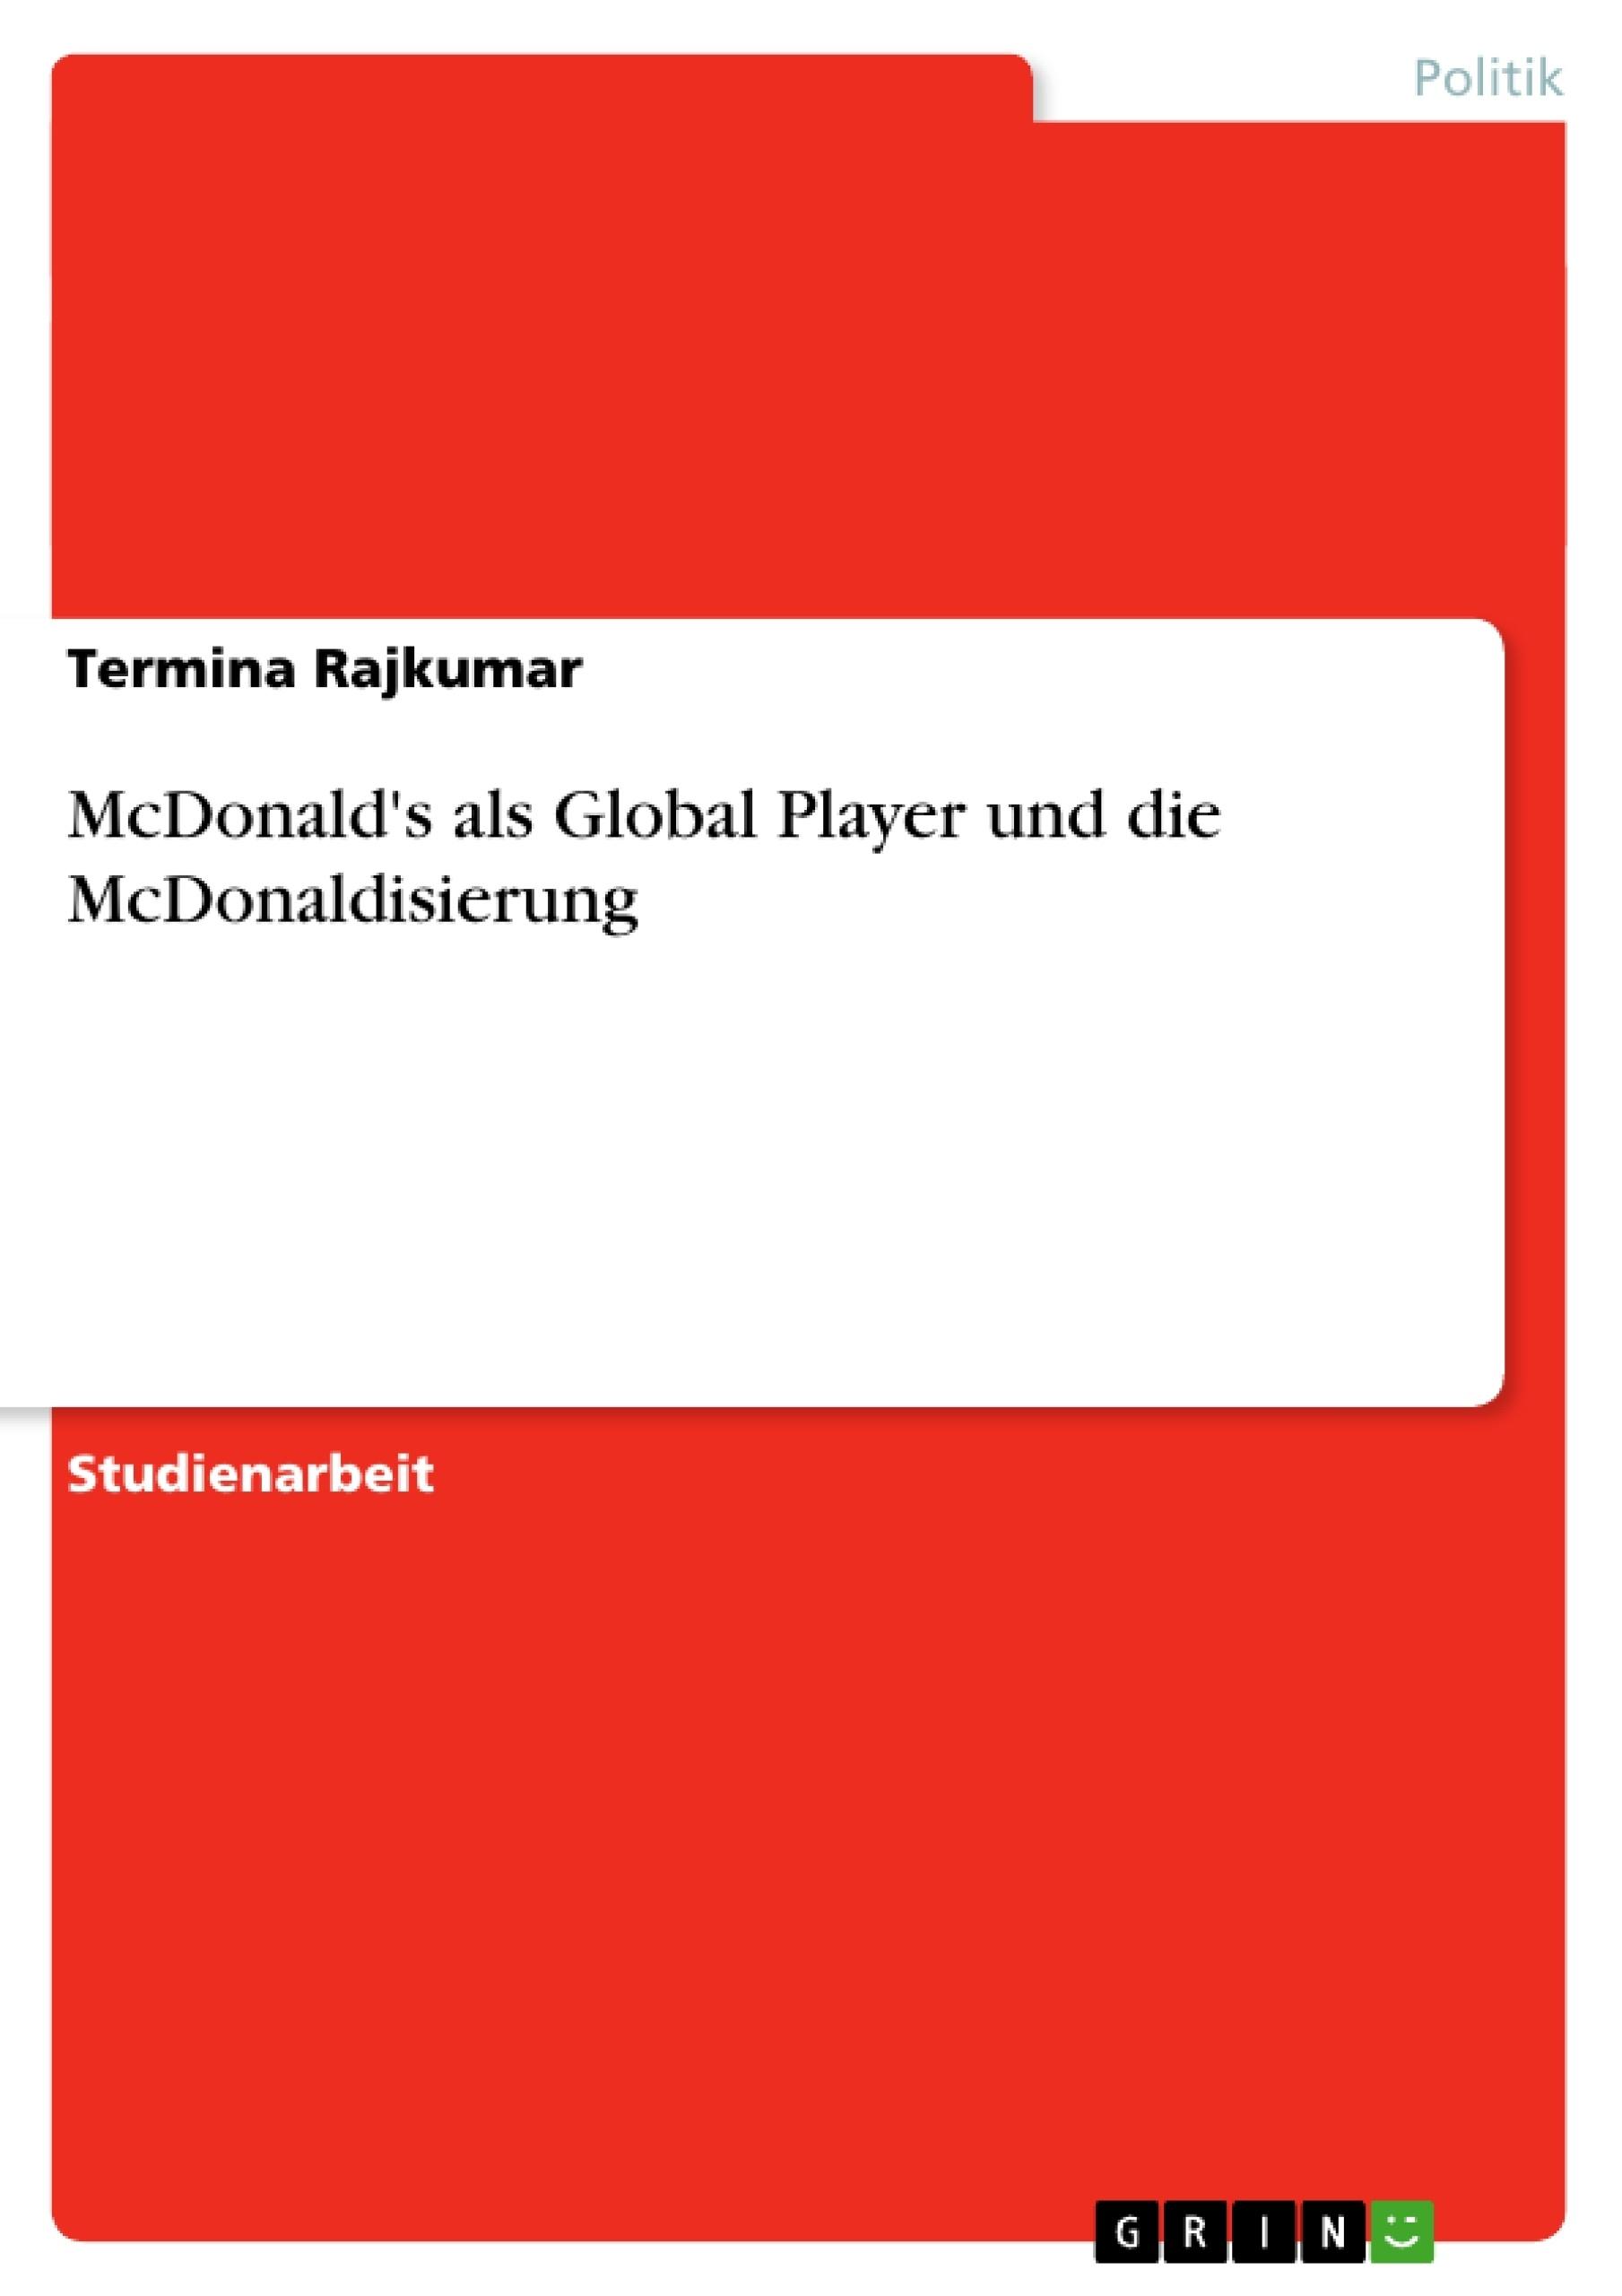 Titel: McDonald's als Global Player und die McDonaldisierung